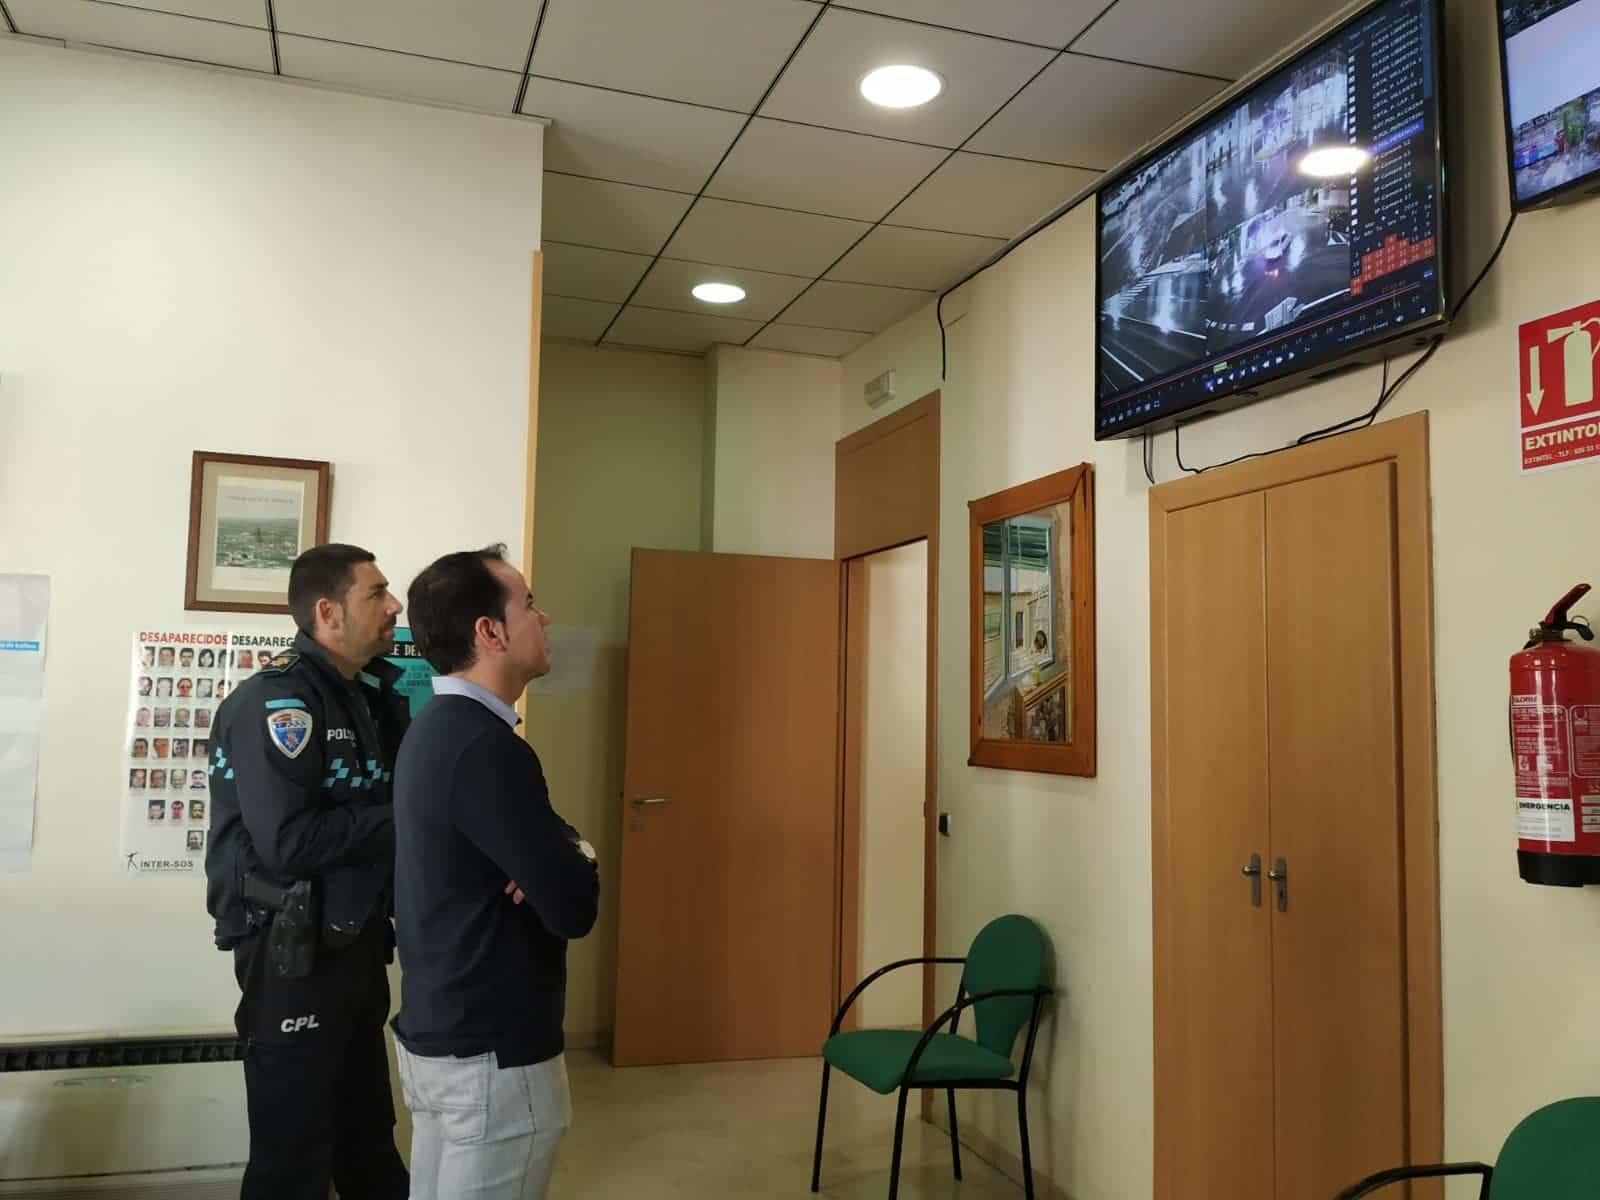 camaras seguridad policia herencia - Ultimando la instalación de las cámaras de seguridad en los accesos a Herencia